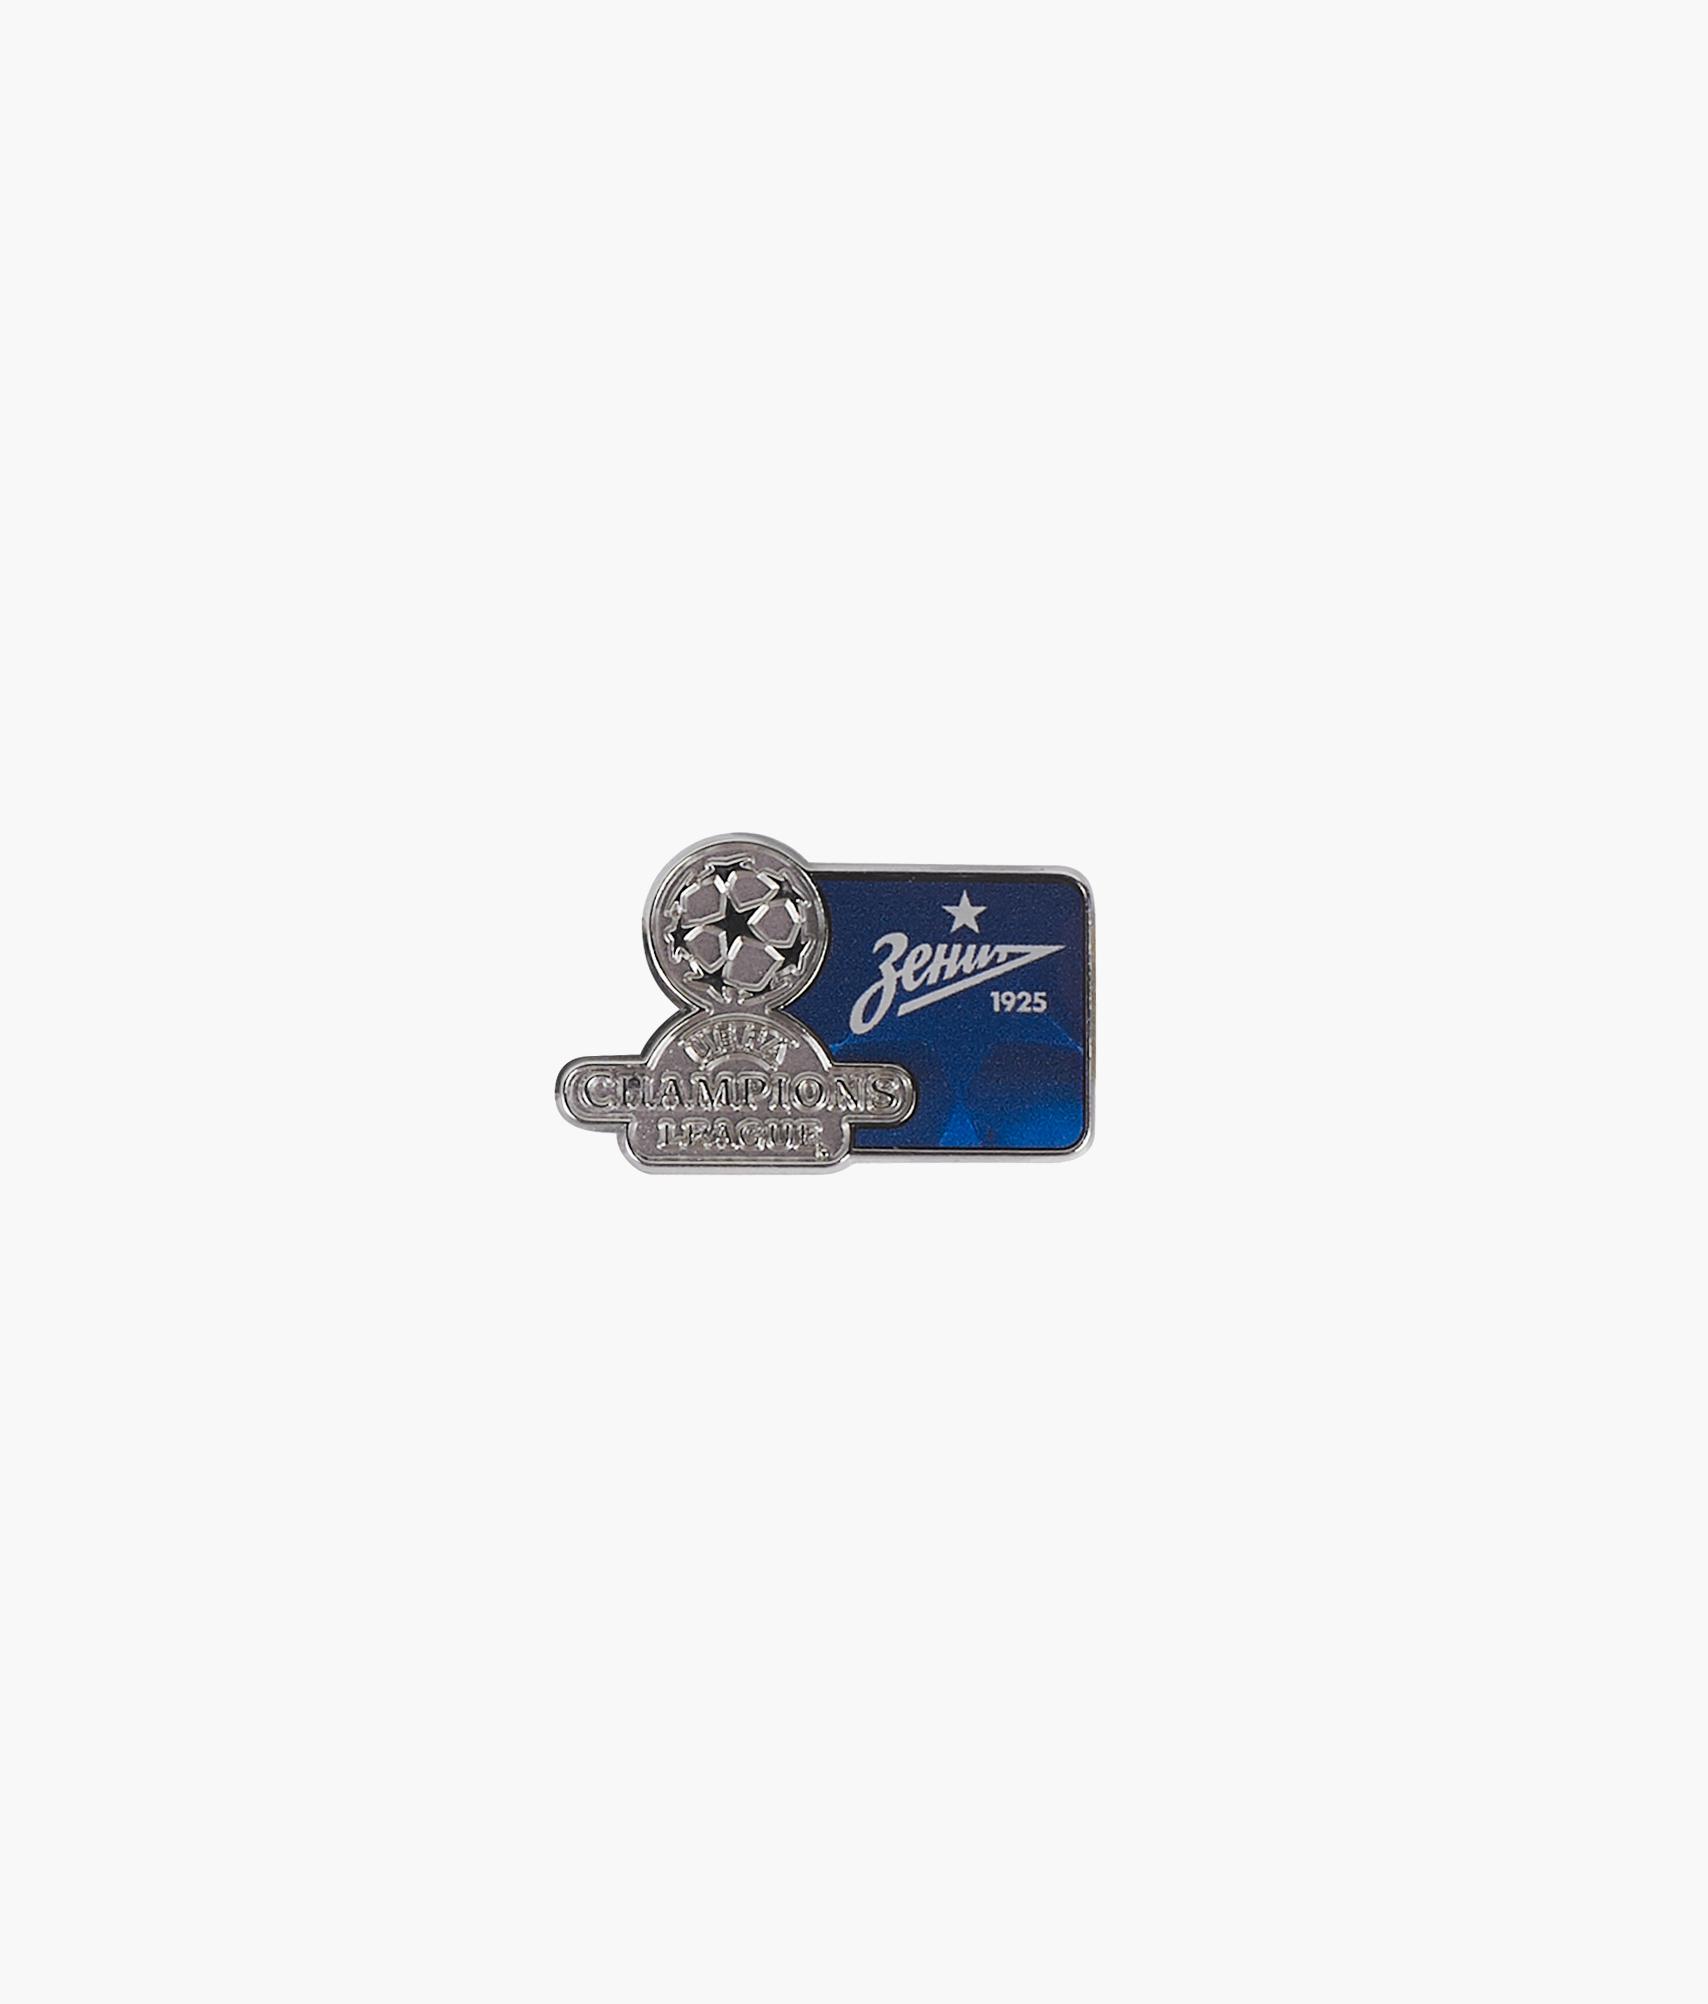 Значок Лига Чемпионов 2019/20 Зенит значок металлический 90 компьютер